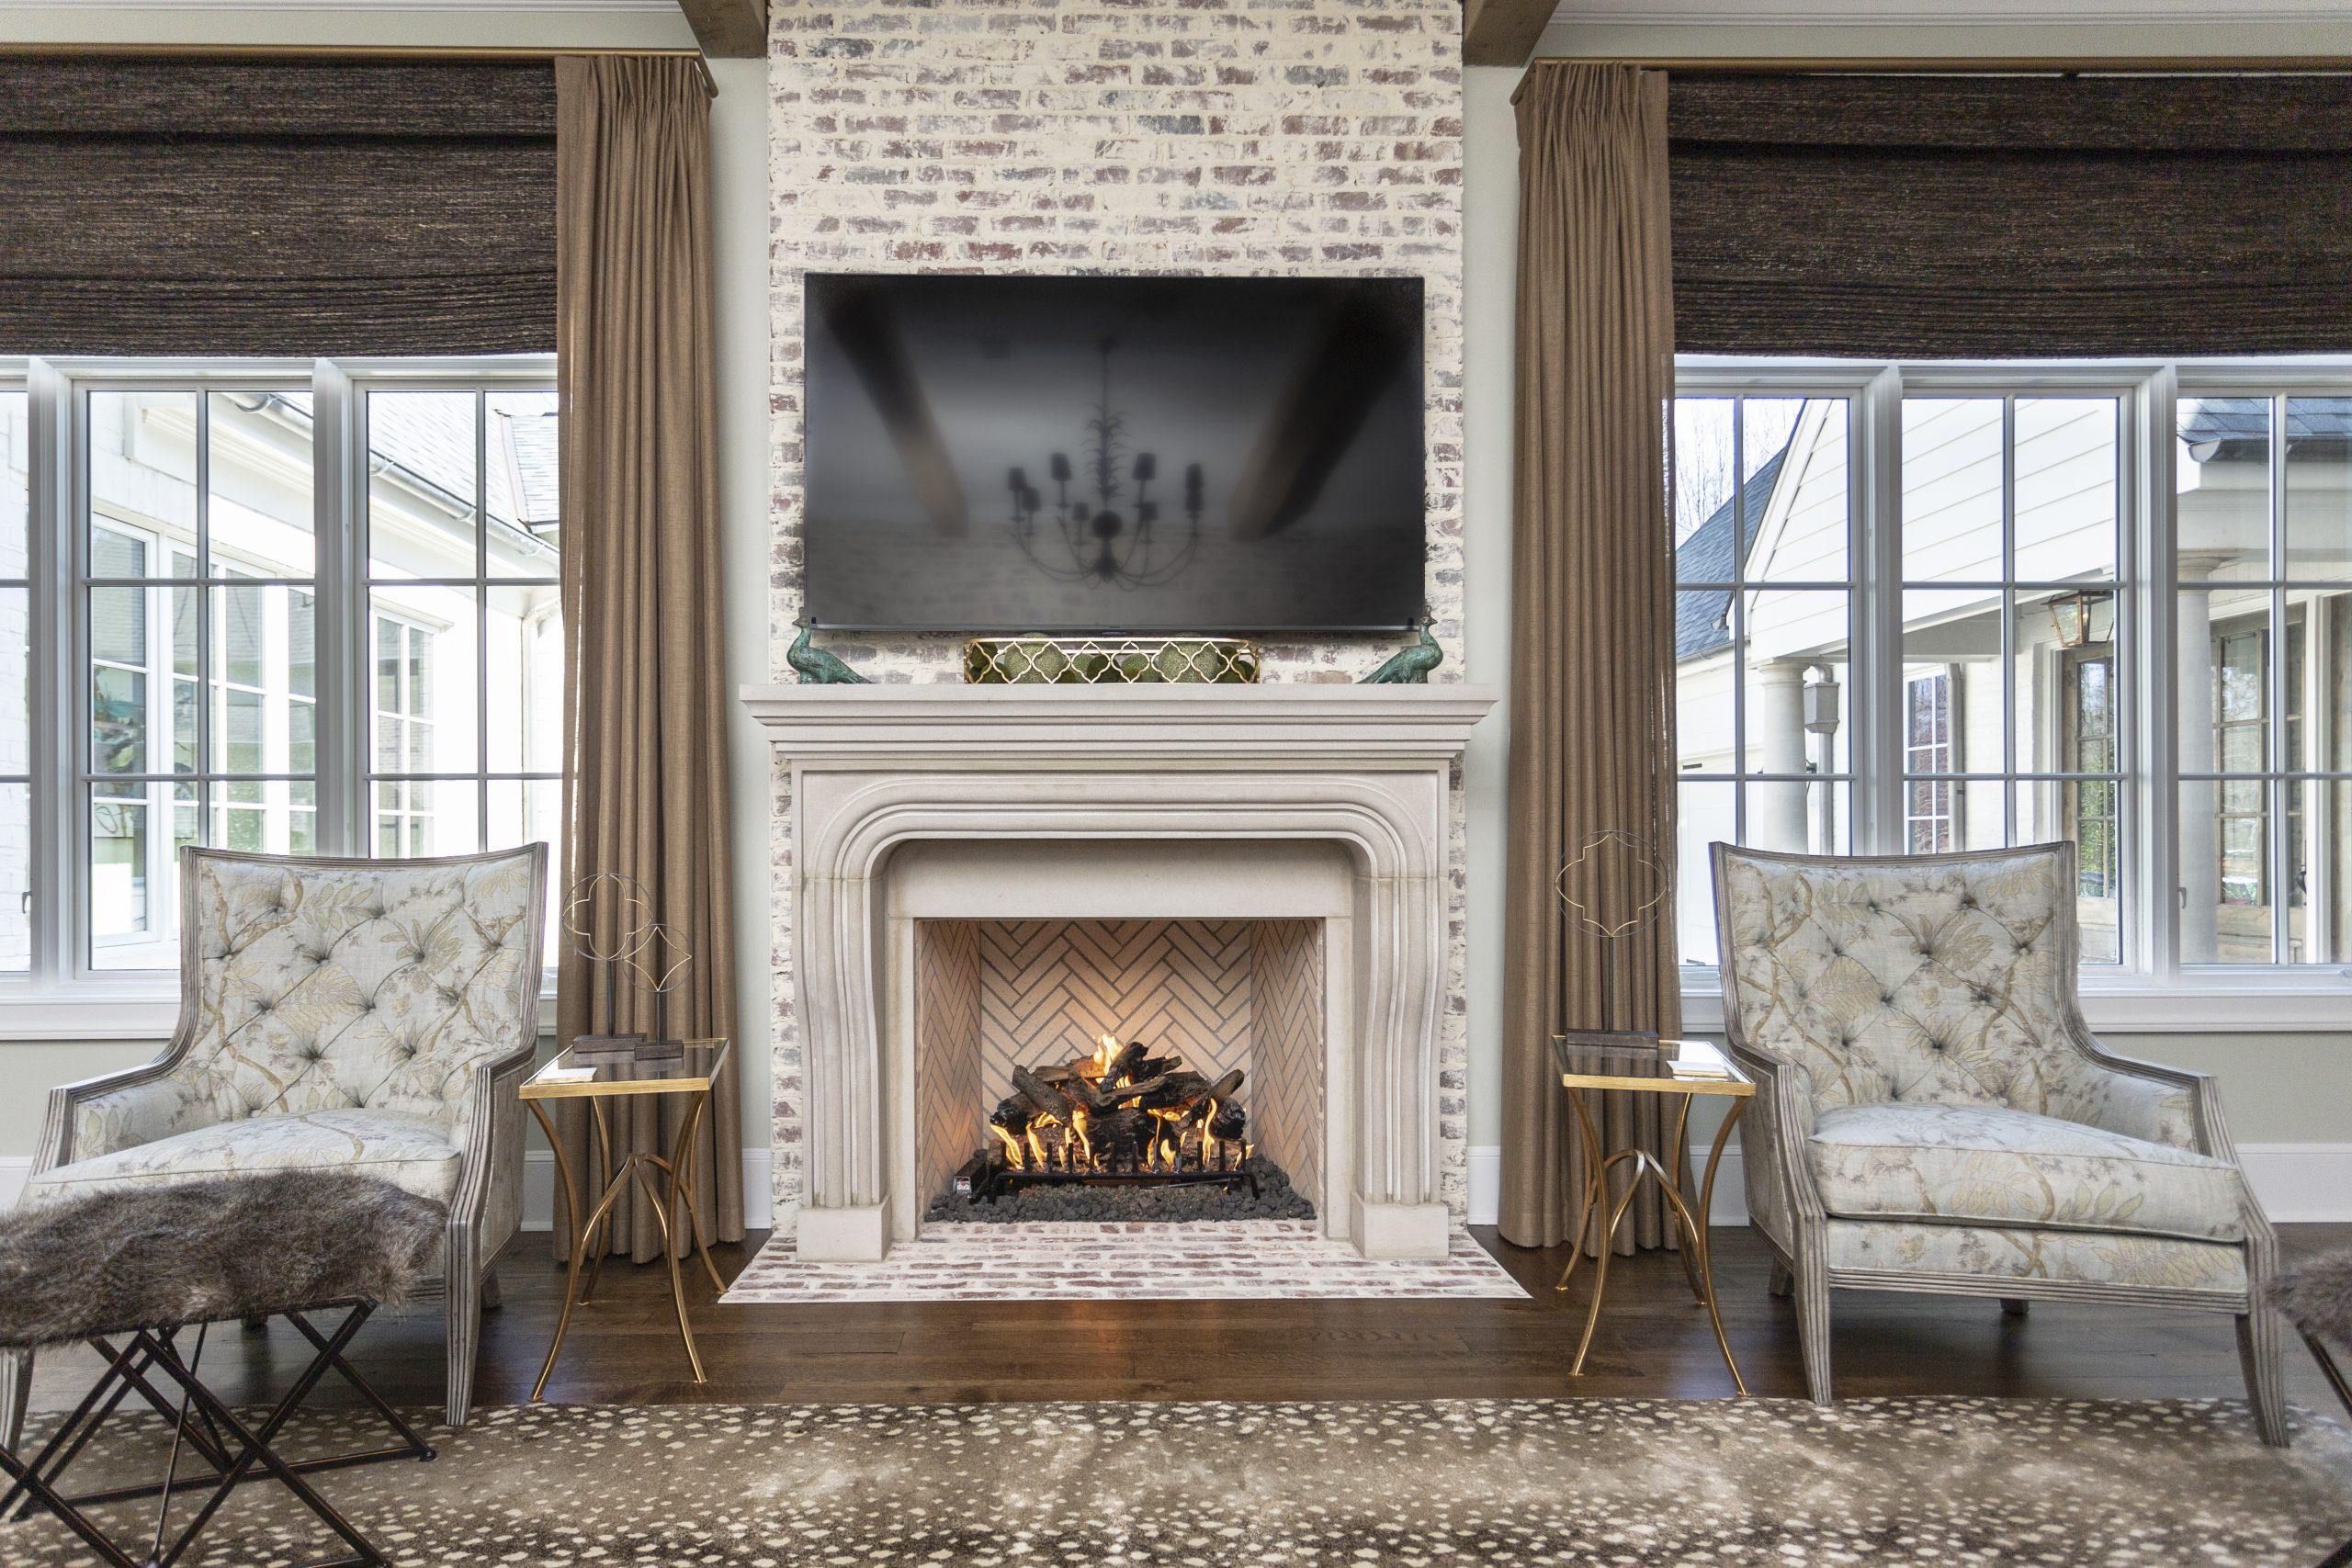 indoor herringbone isokern fireplace in use in Memphis home